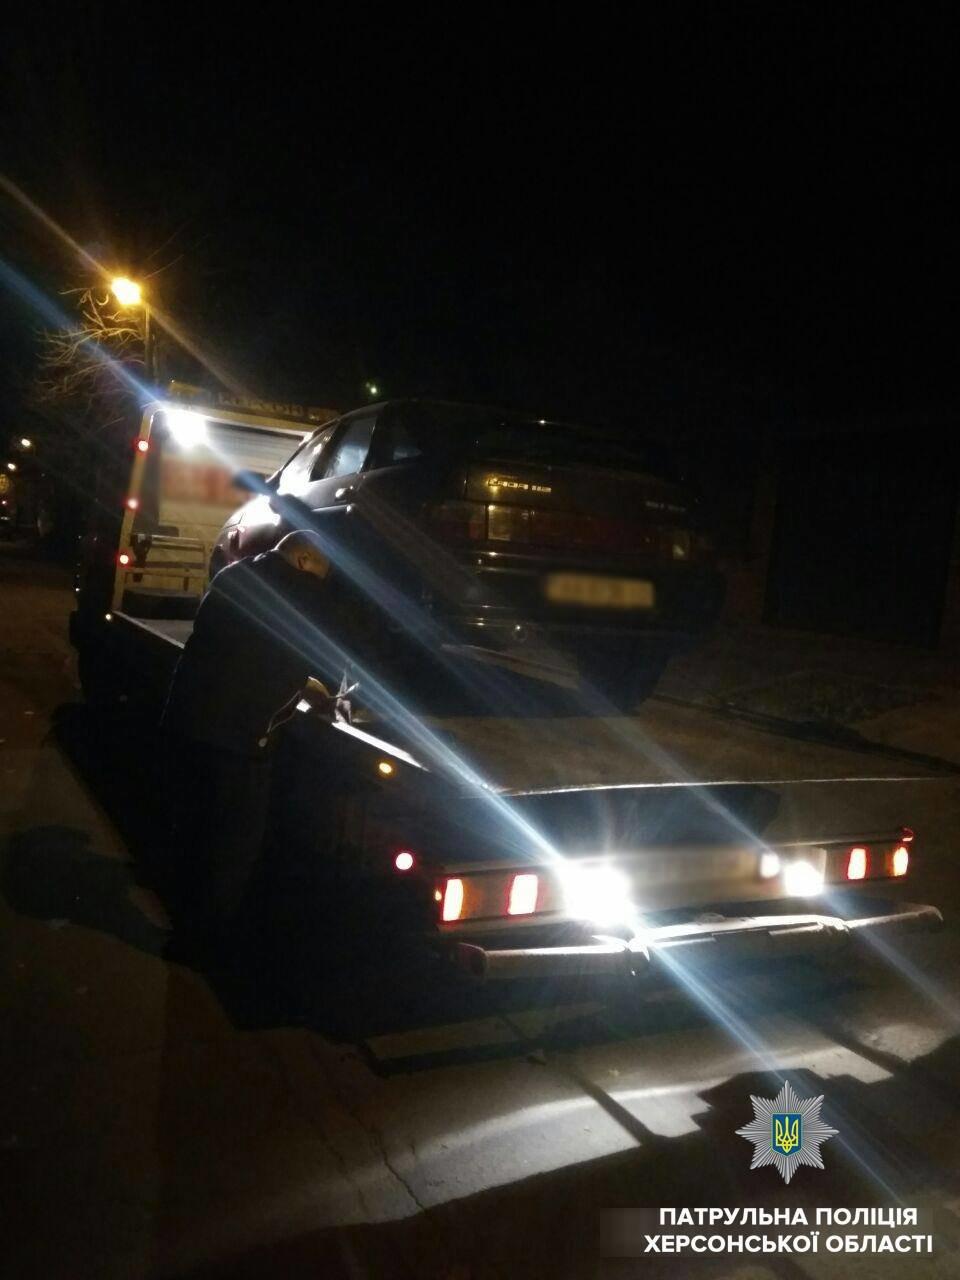 Патрульні евакуювали автомобіль водія, який вдруге сів за кермо напідпитку, фото-1